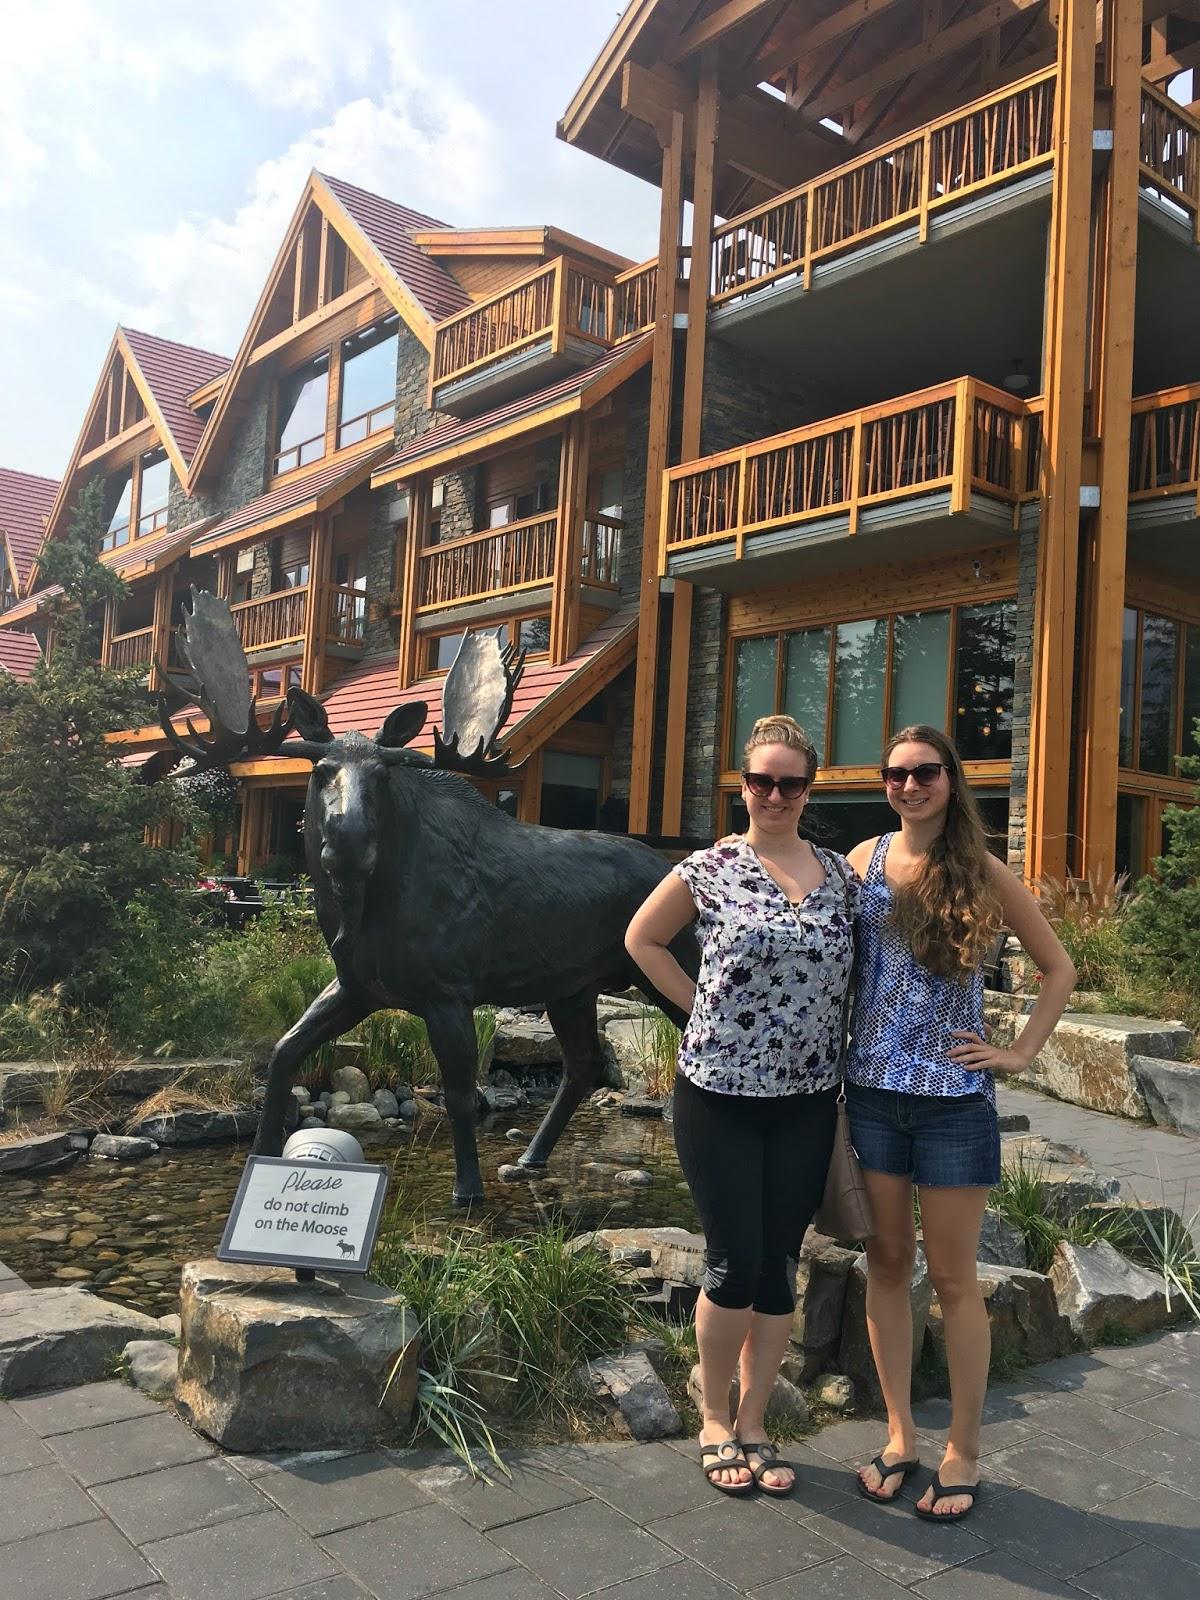 Pacini Town Banff Alberta Canada